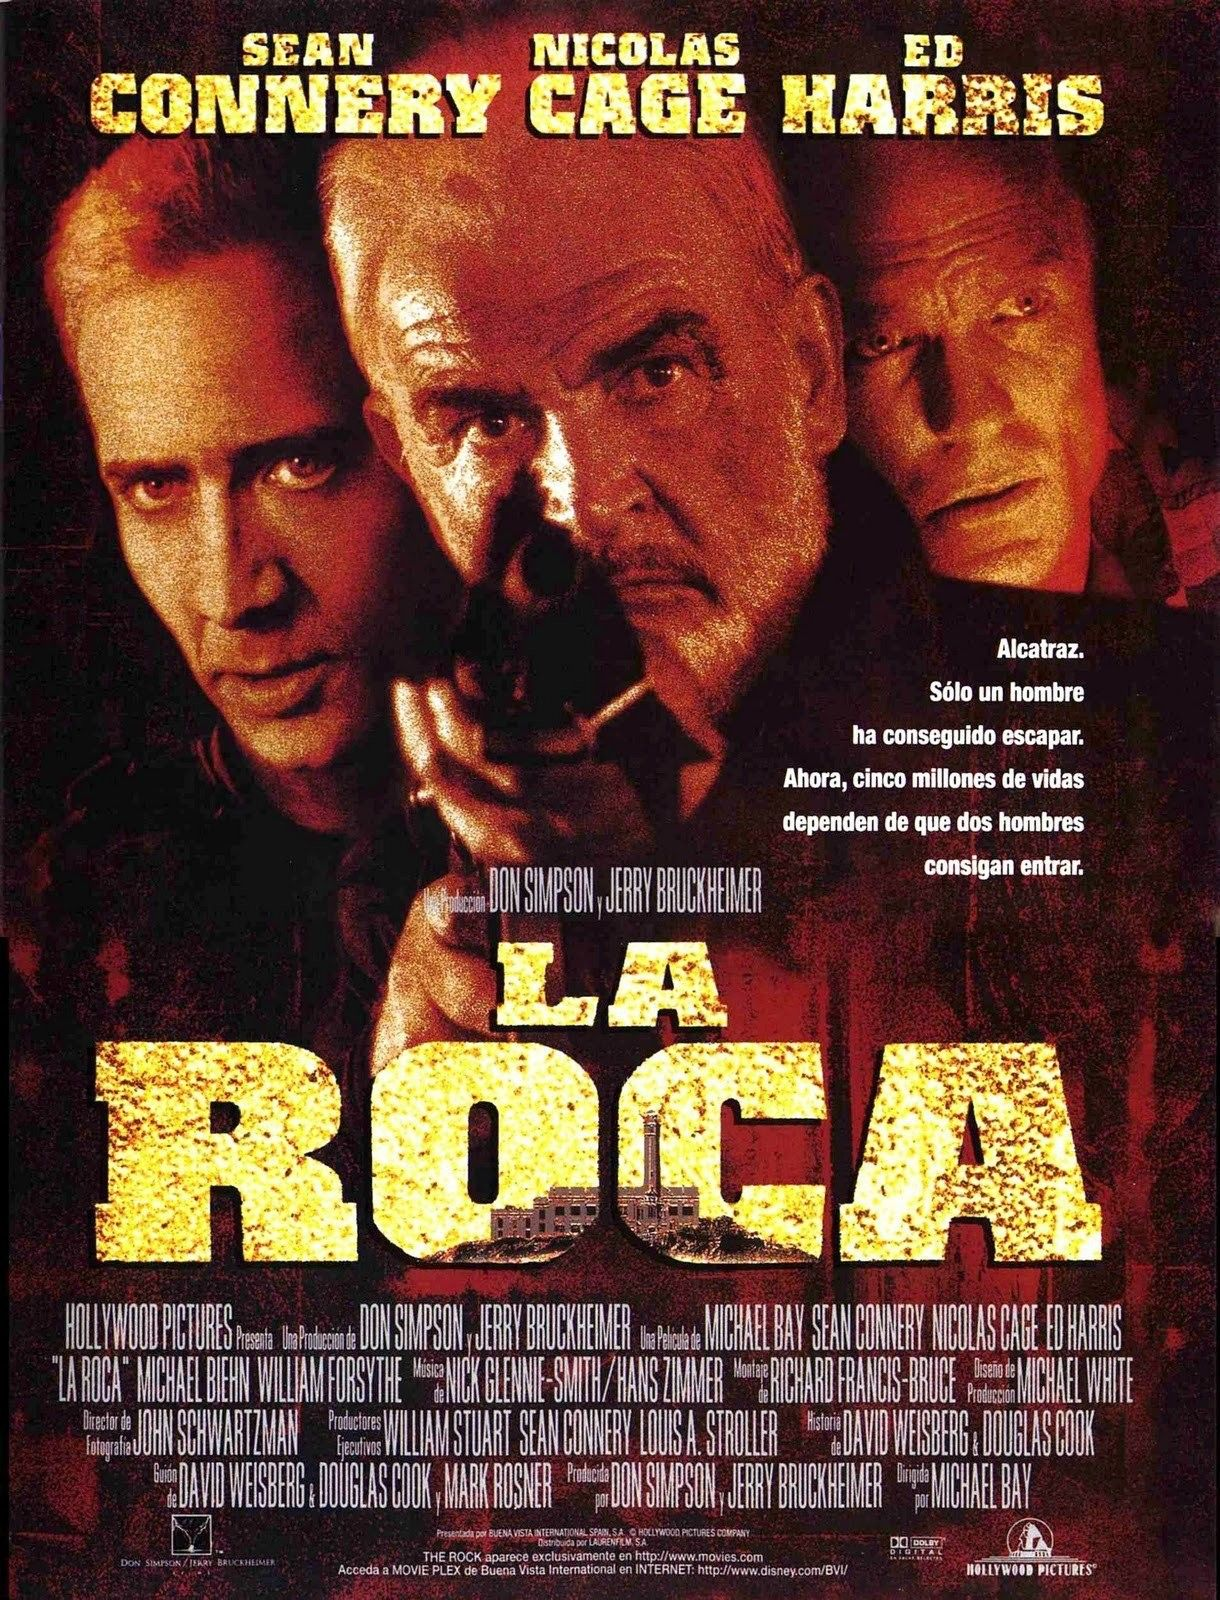 Ver La Roca Online Gratis 1996 Hd Pelicula Completa Espanol The Rock Movies Action Movies Original Movie Posters